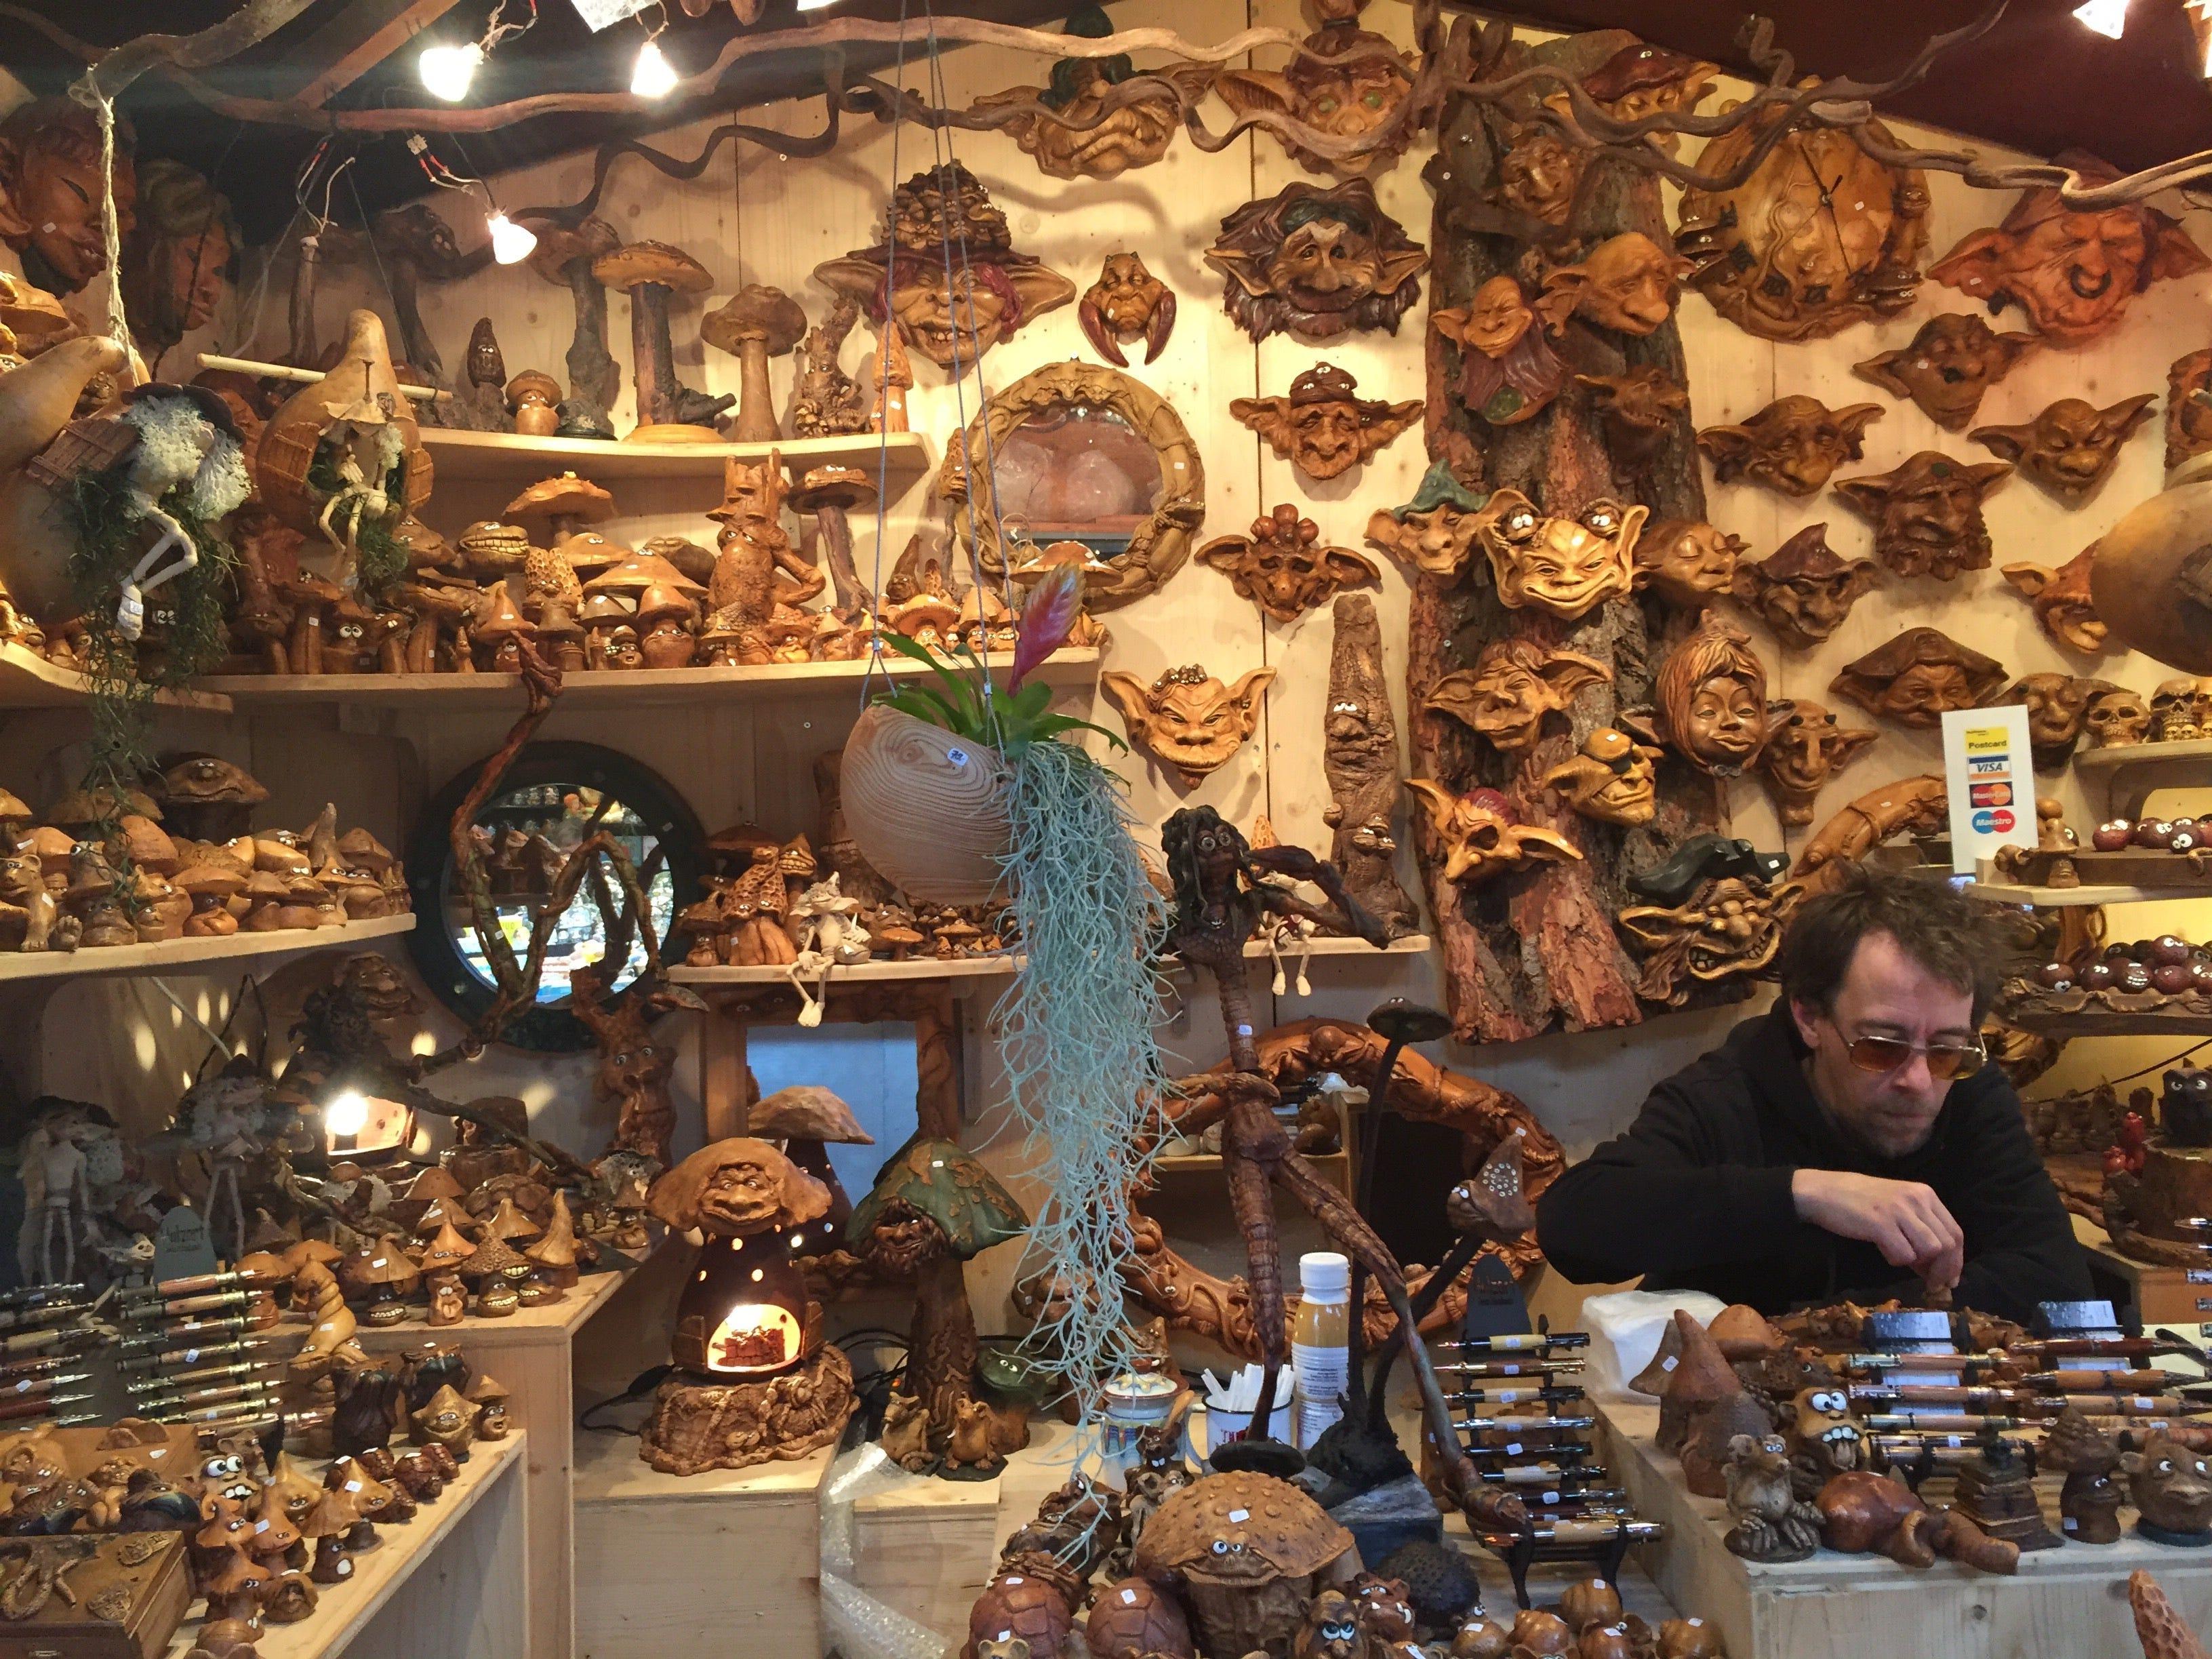 A booth at Barfüsserplatz displays hand-carved wooden figurines.